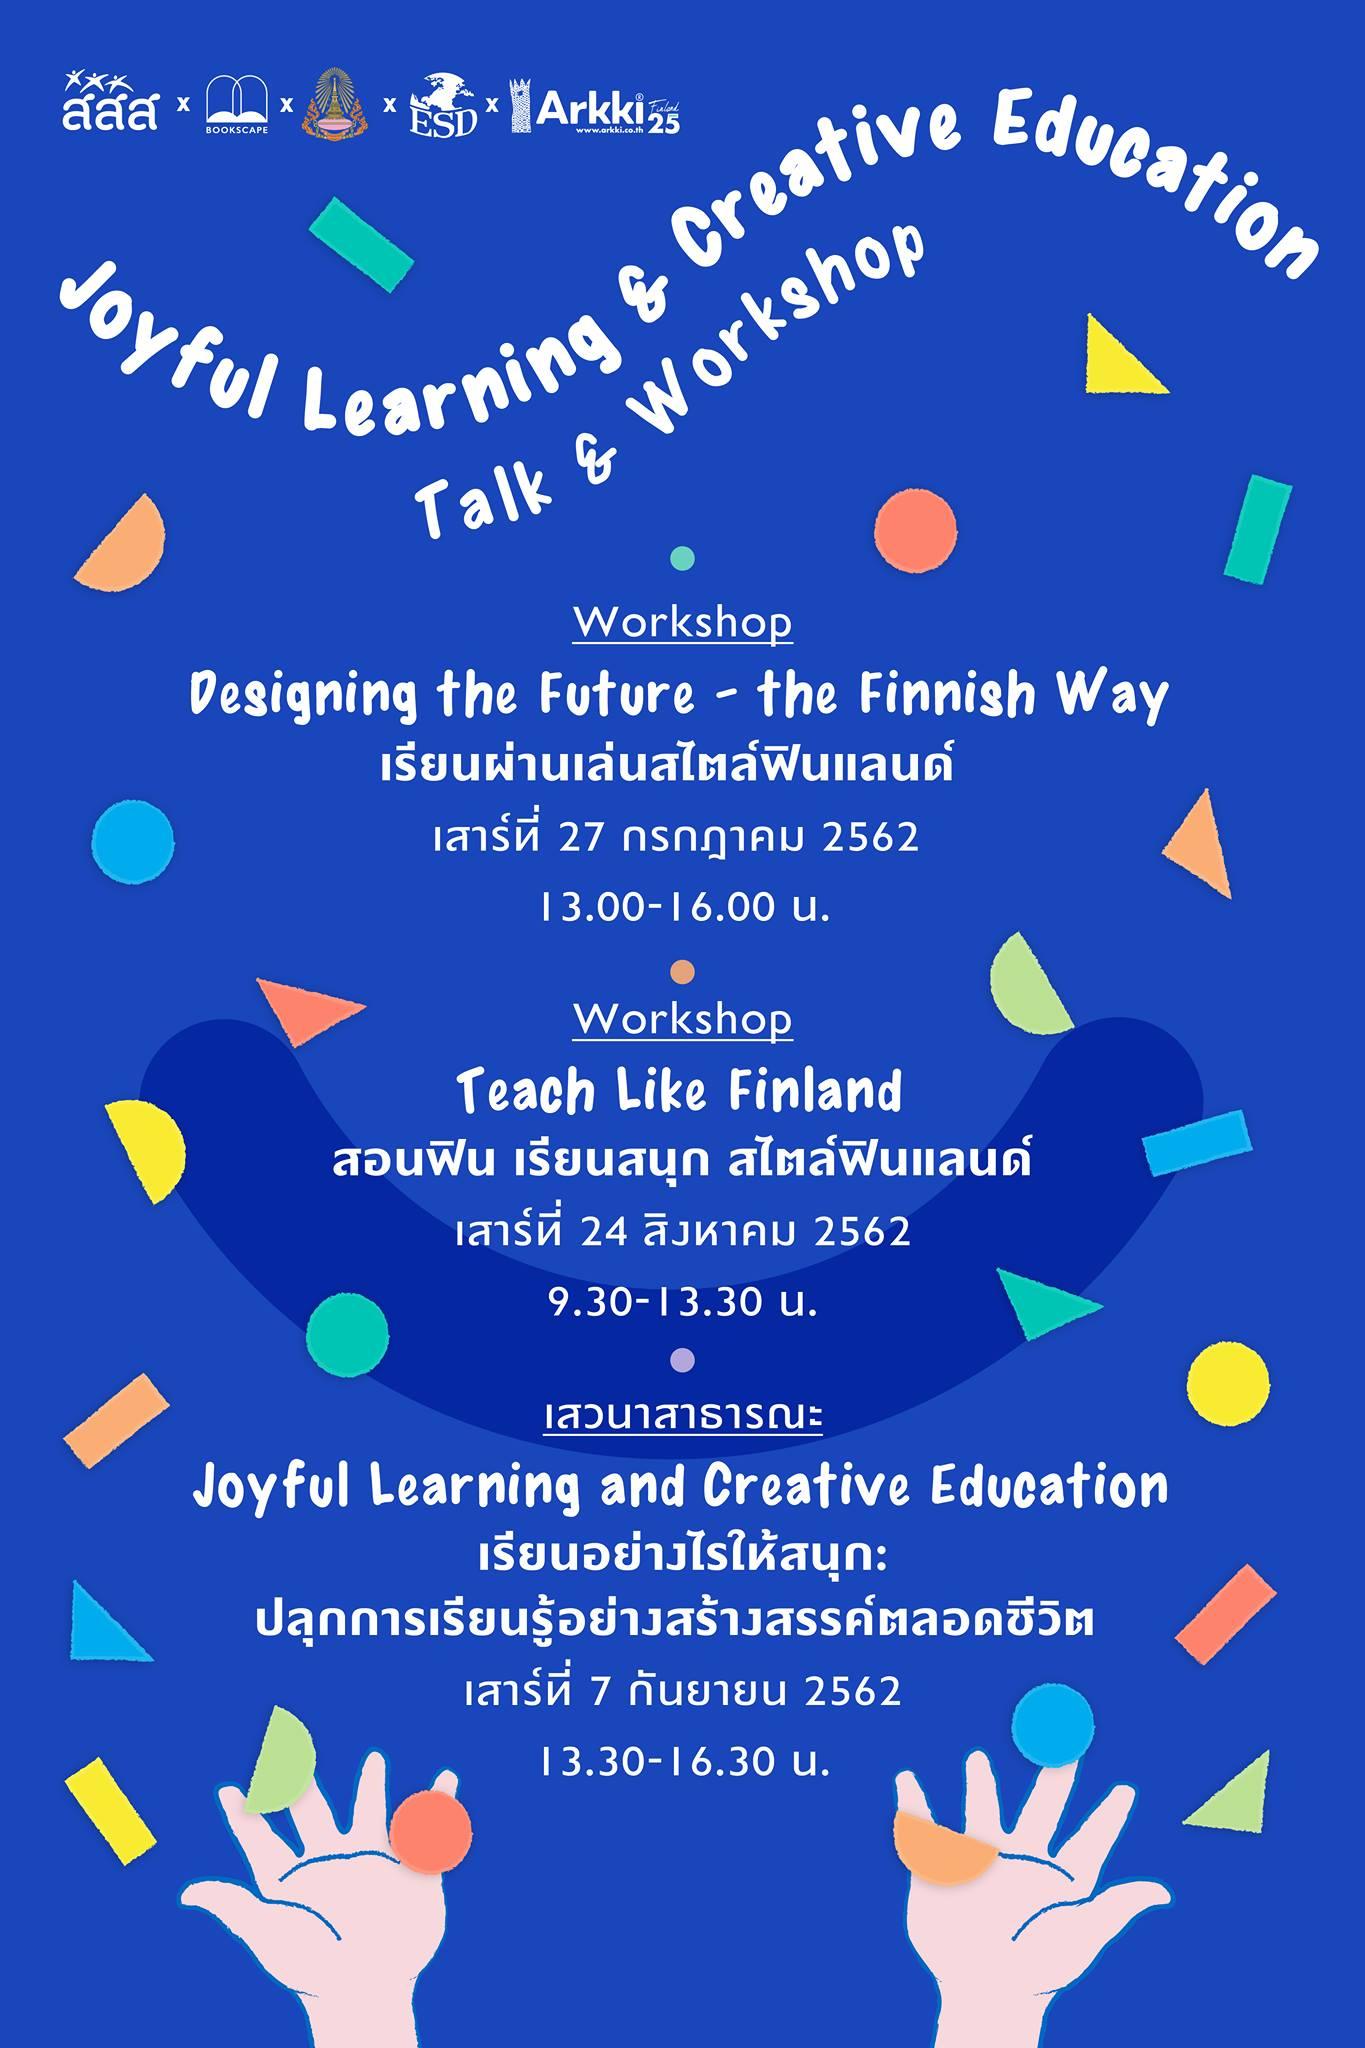 สสส.-Bookscape ชวนร่วมเสวนา เรียนอย่างไรให้สนุก thaihealth